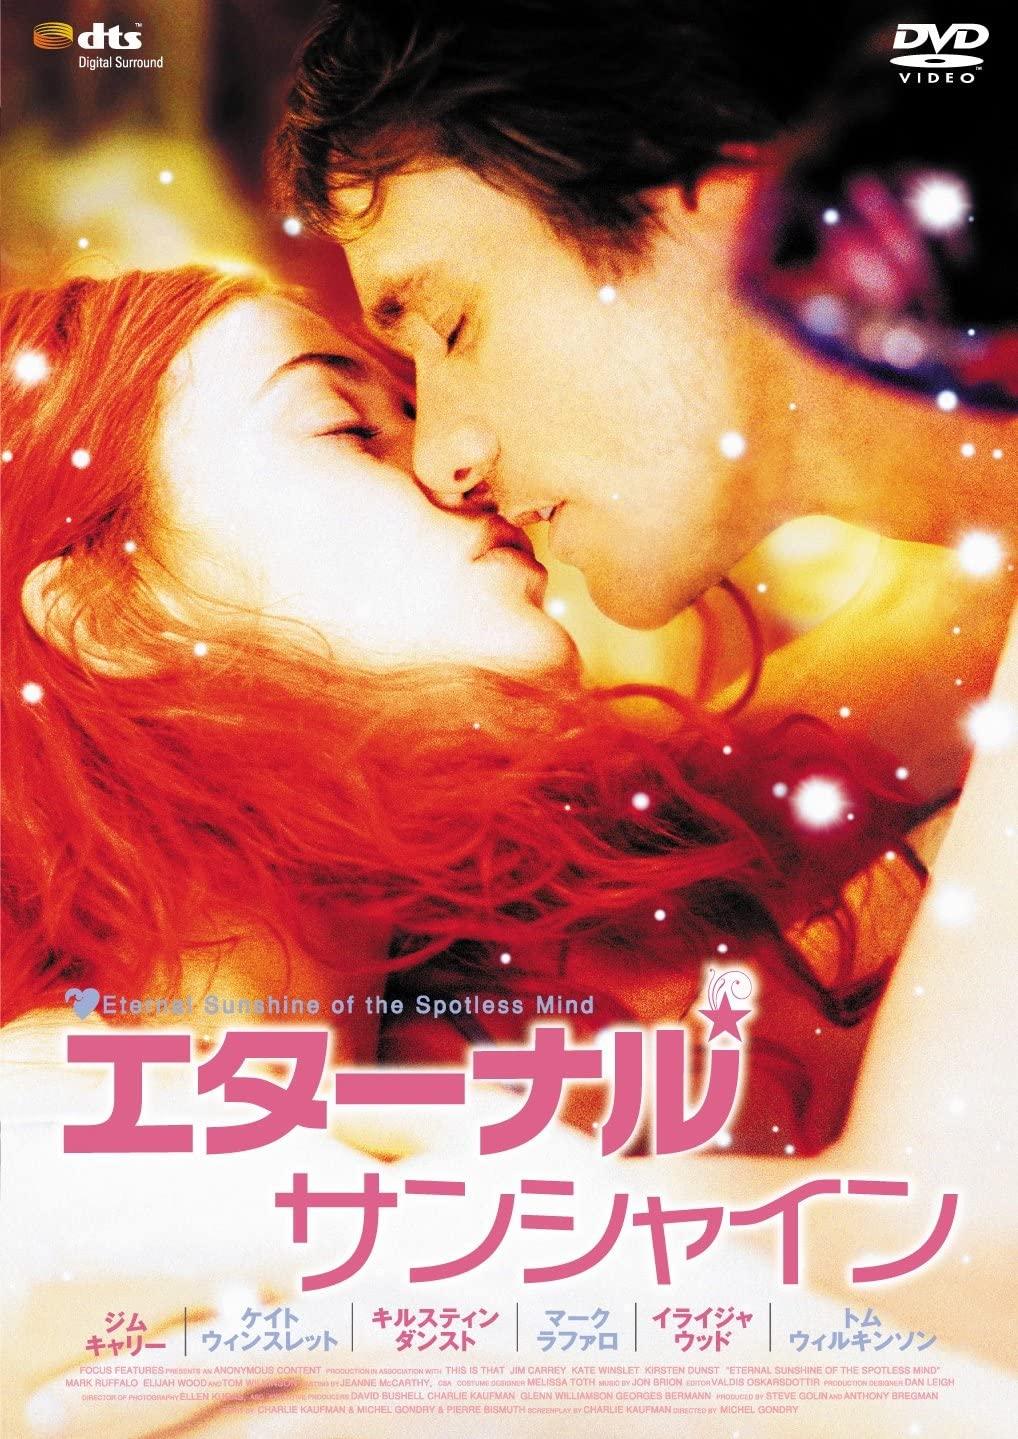 恋愛 大人 映画